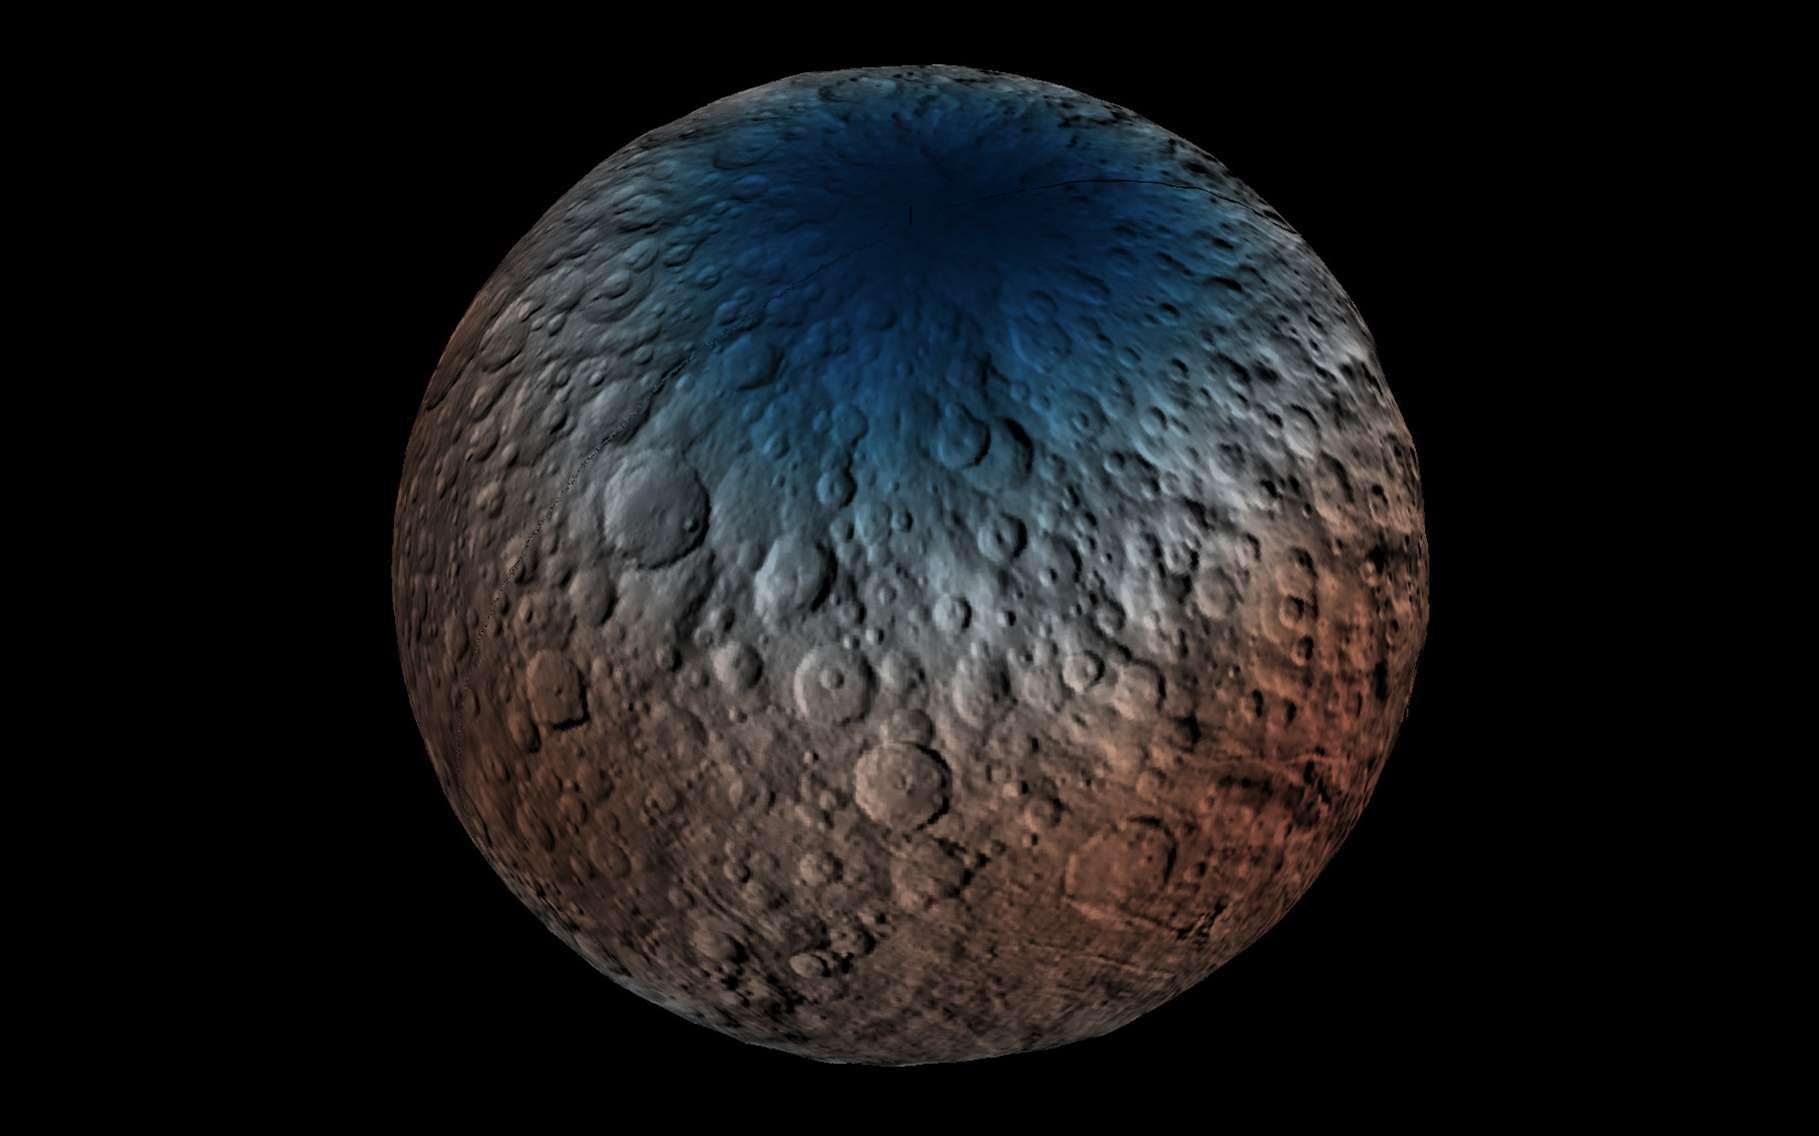 La détection des neutrons avec l'instrument GRaND, de la sonde Dawn, dans l'hémisphère nord de Cérès indique une plus grande proportion d'hydrogène près des pôles qu'aux basses latitudes. Les mesures suggèrent une présence d'eau dans cette région polaire, sous la surface, à moins d'un mètre de profondeur. © Nasa, JPL-Caltech, UCLA, ASI, INAF